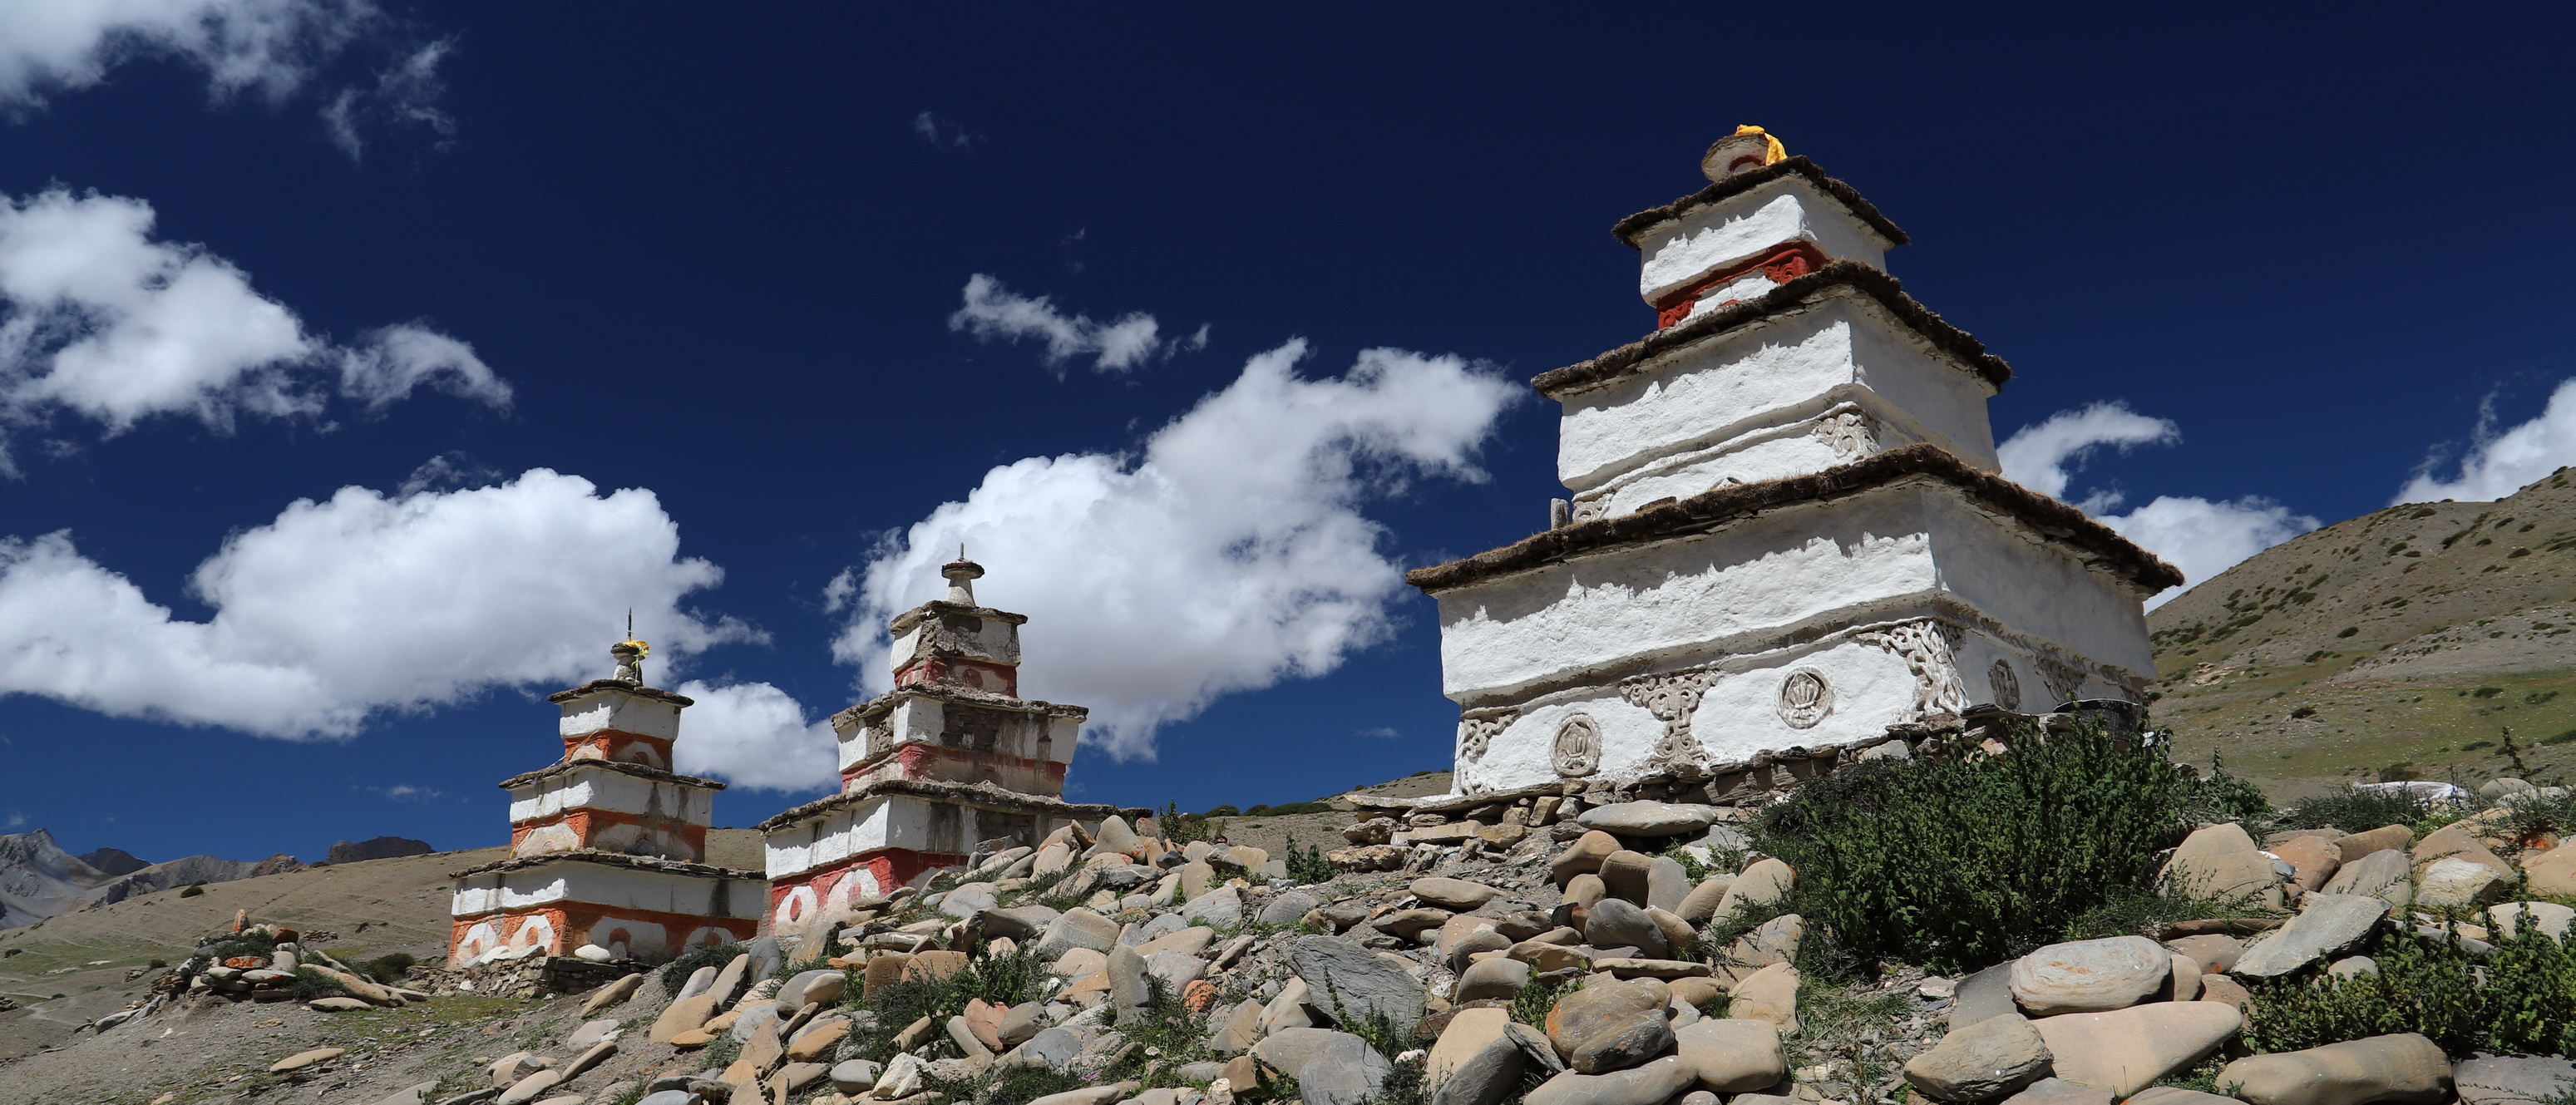 Upper_Dolpa,_Nepal,__©_Serge_Puisais__I